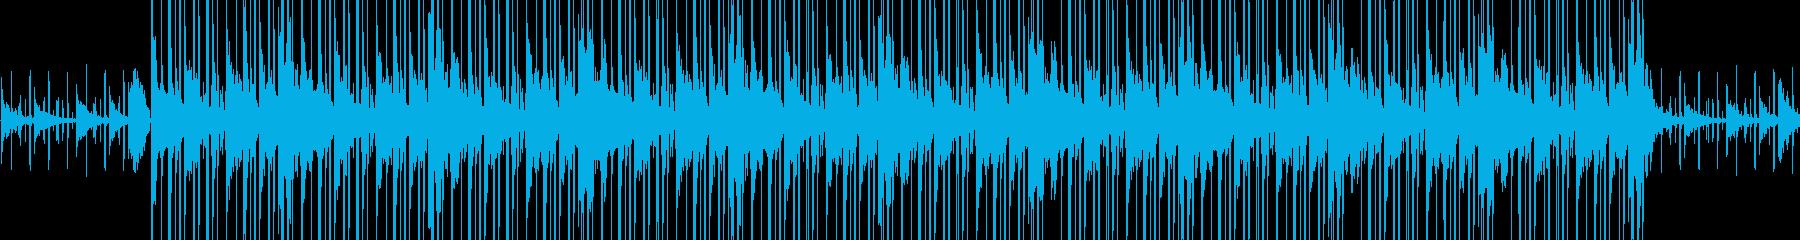 オシャレ/Lo-Fi/チルアウトの再生済みの波形